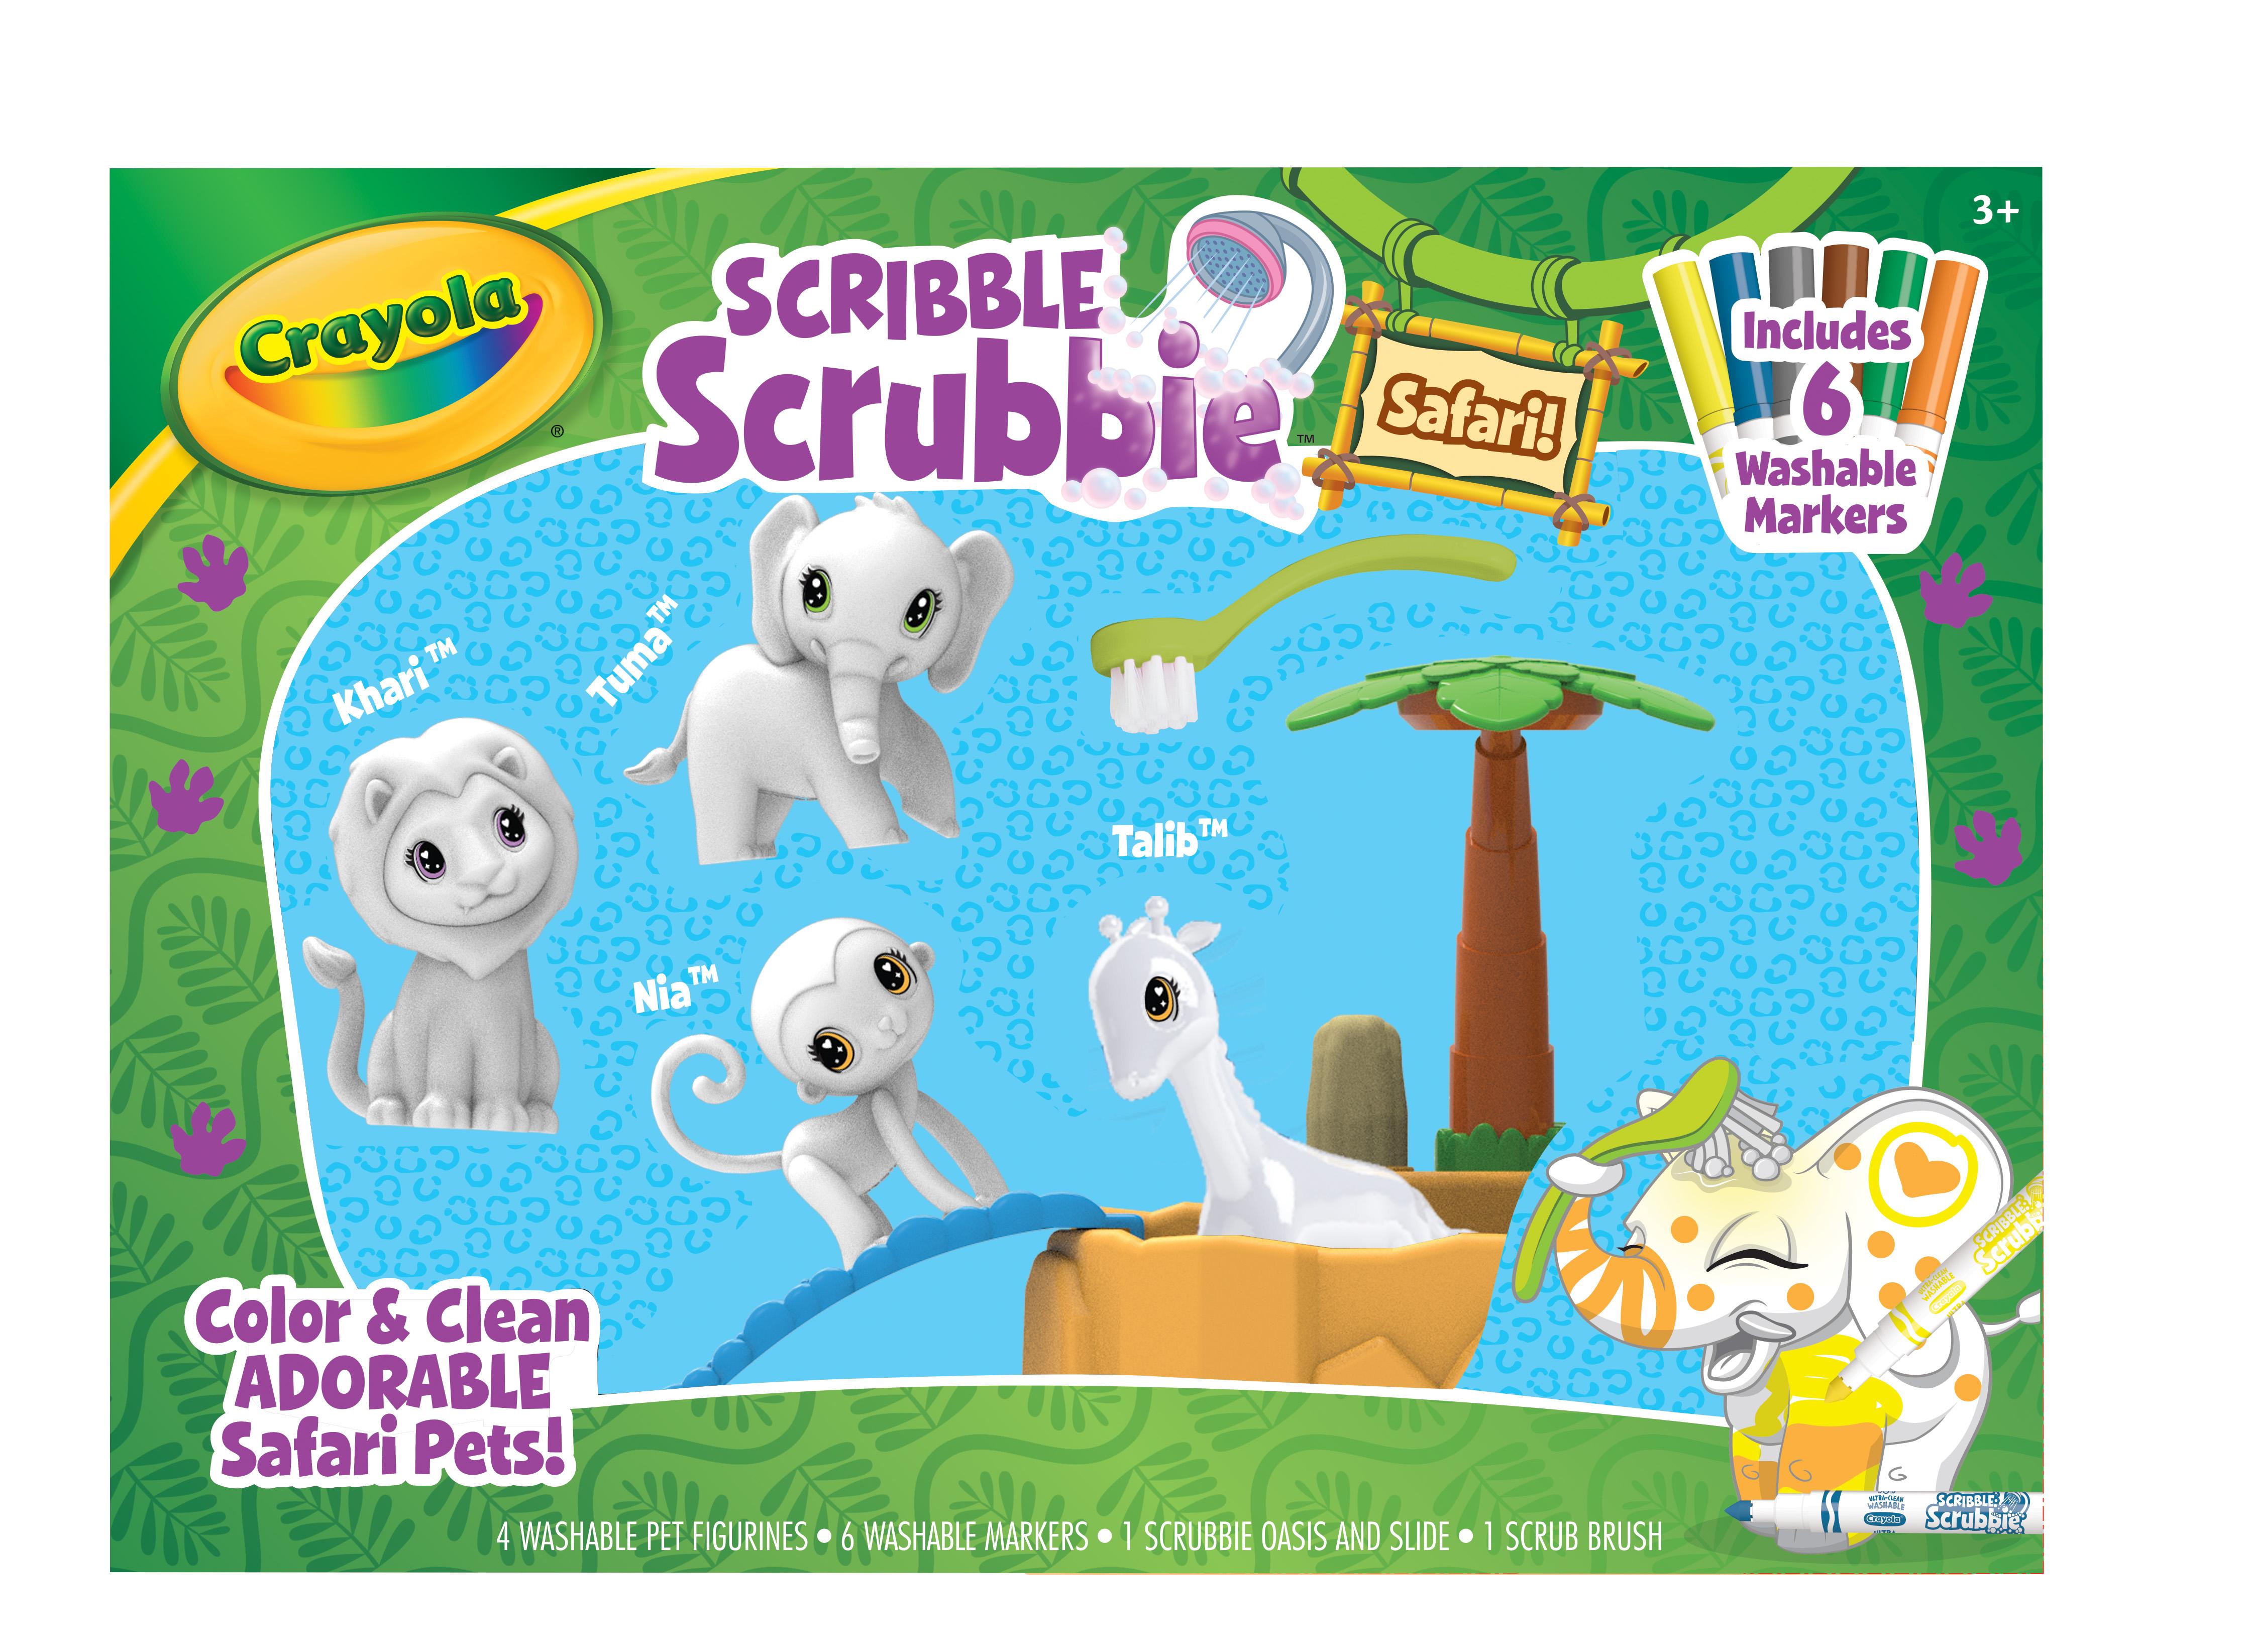 Scribble Scrubbie Safari Oasis